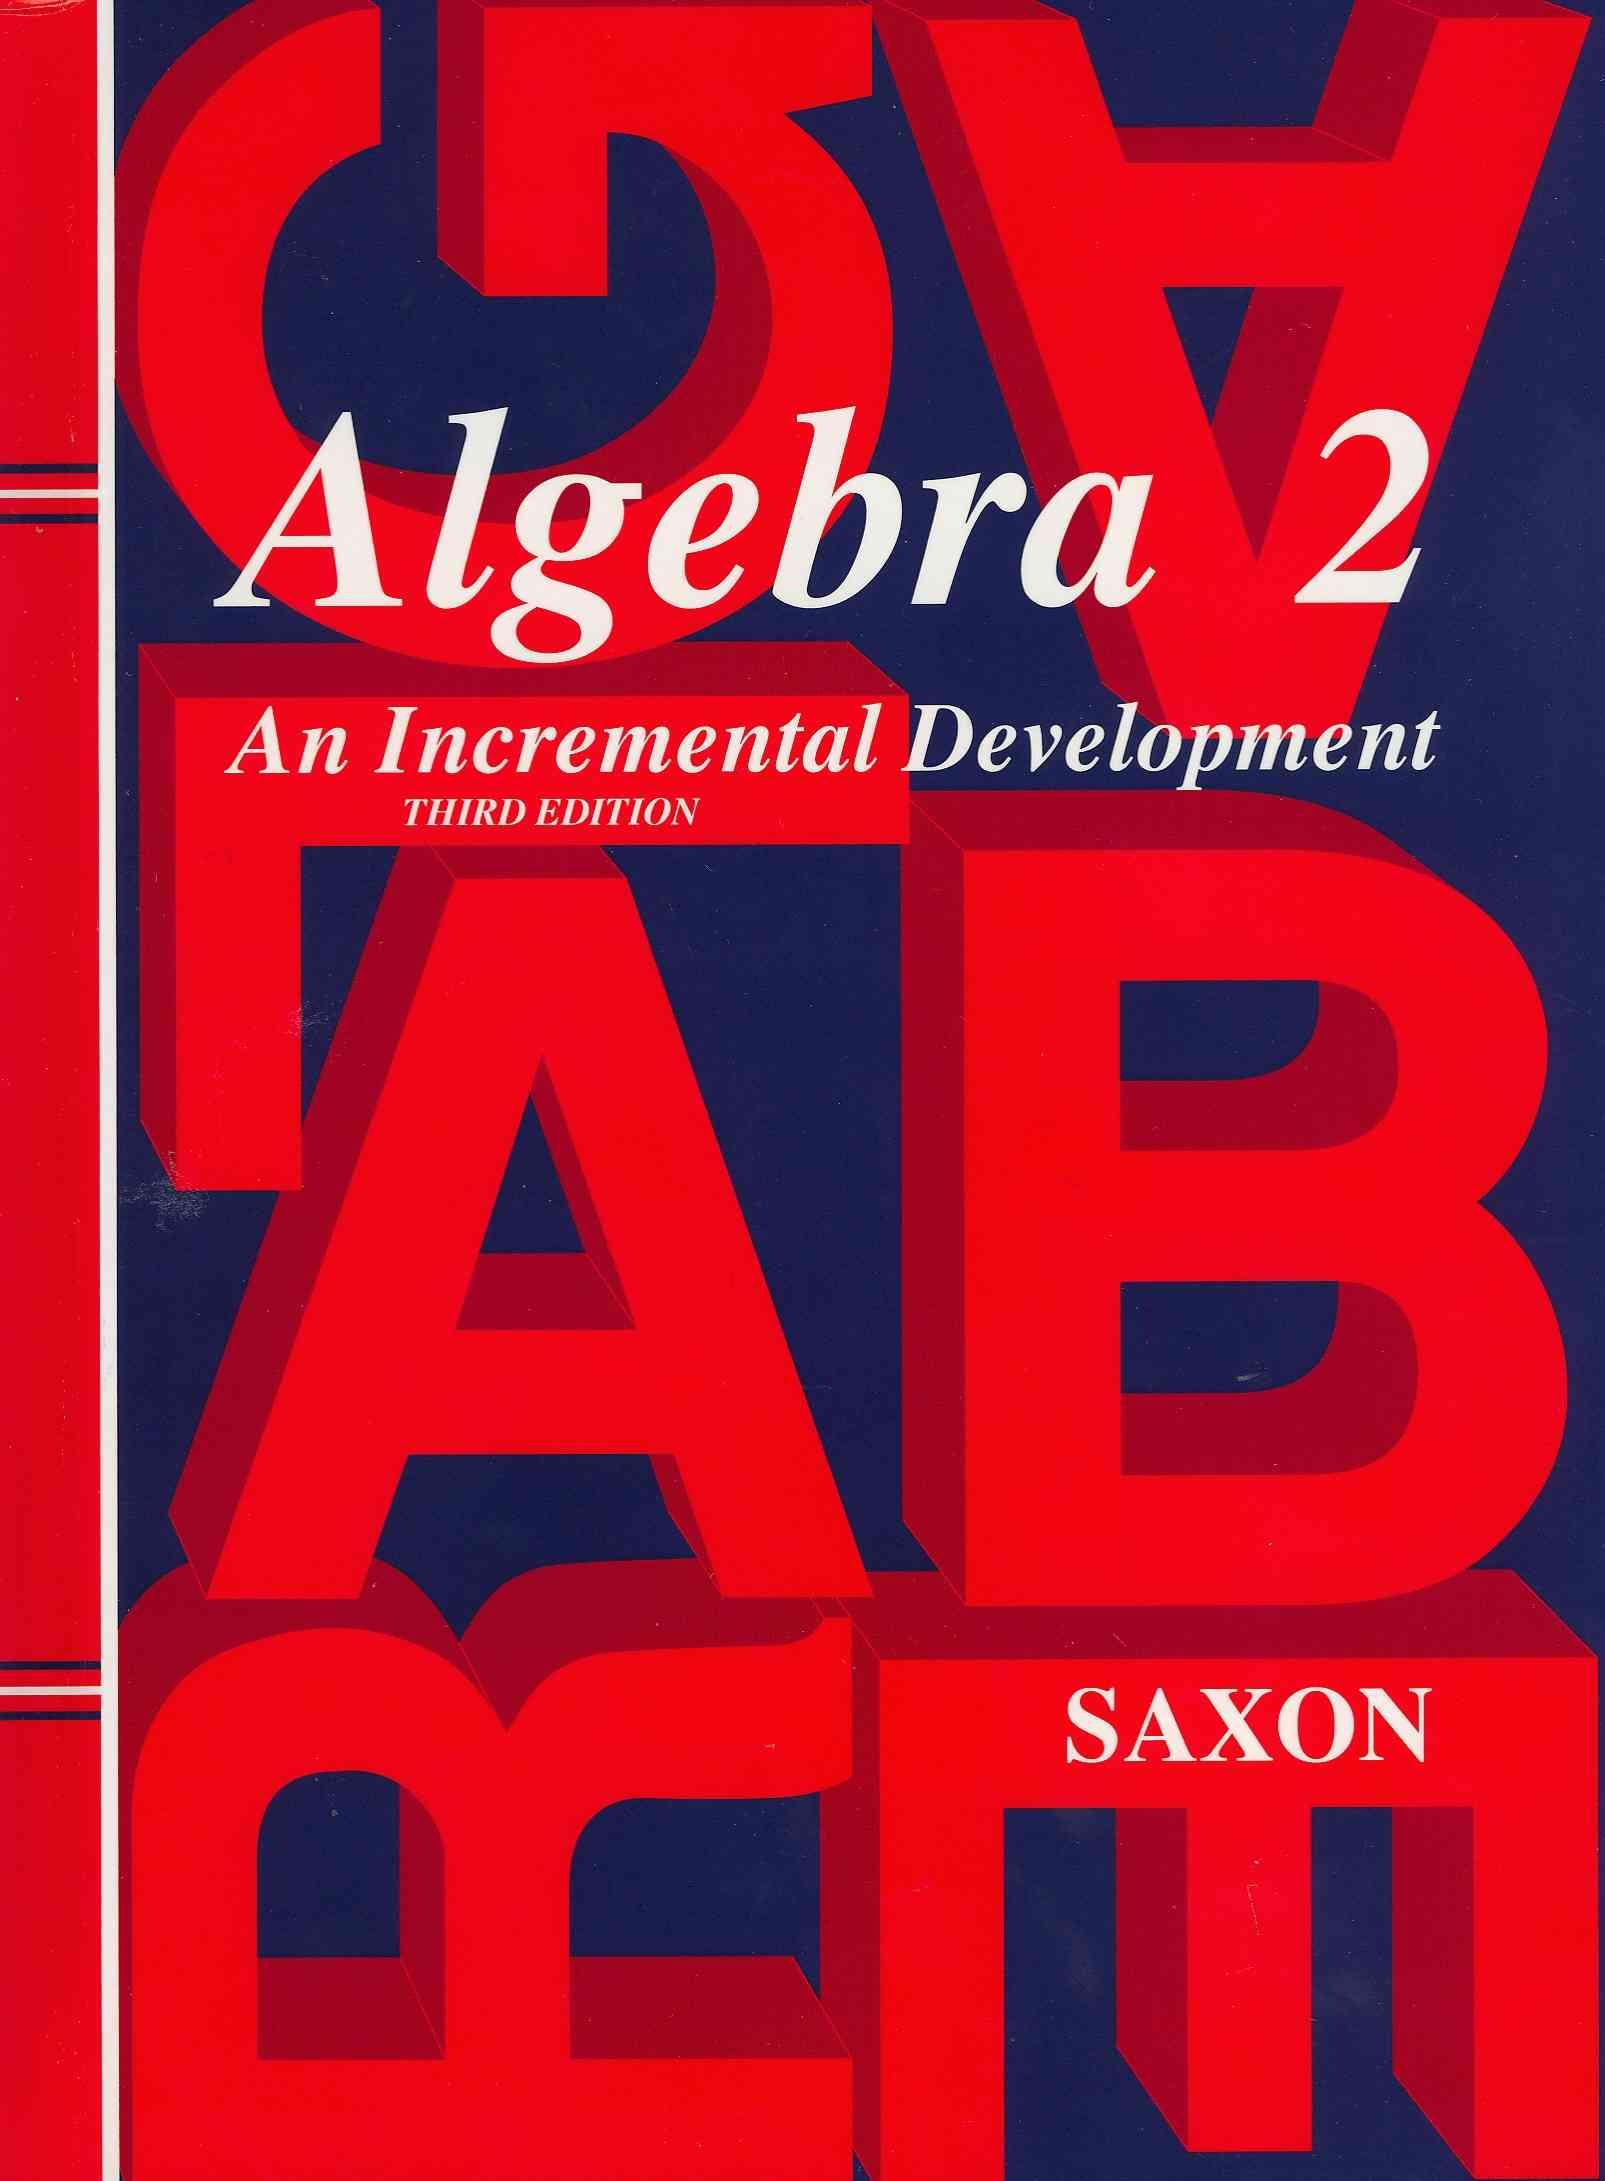 Algebra 2 By Saxon Publications